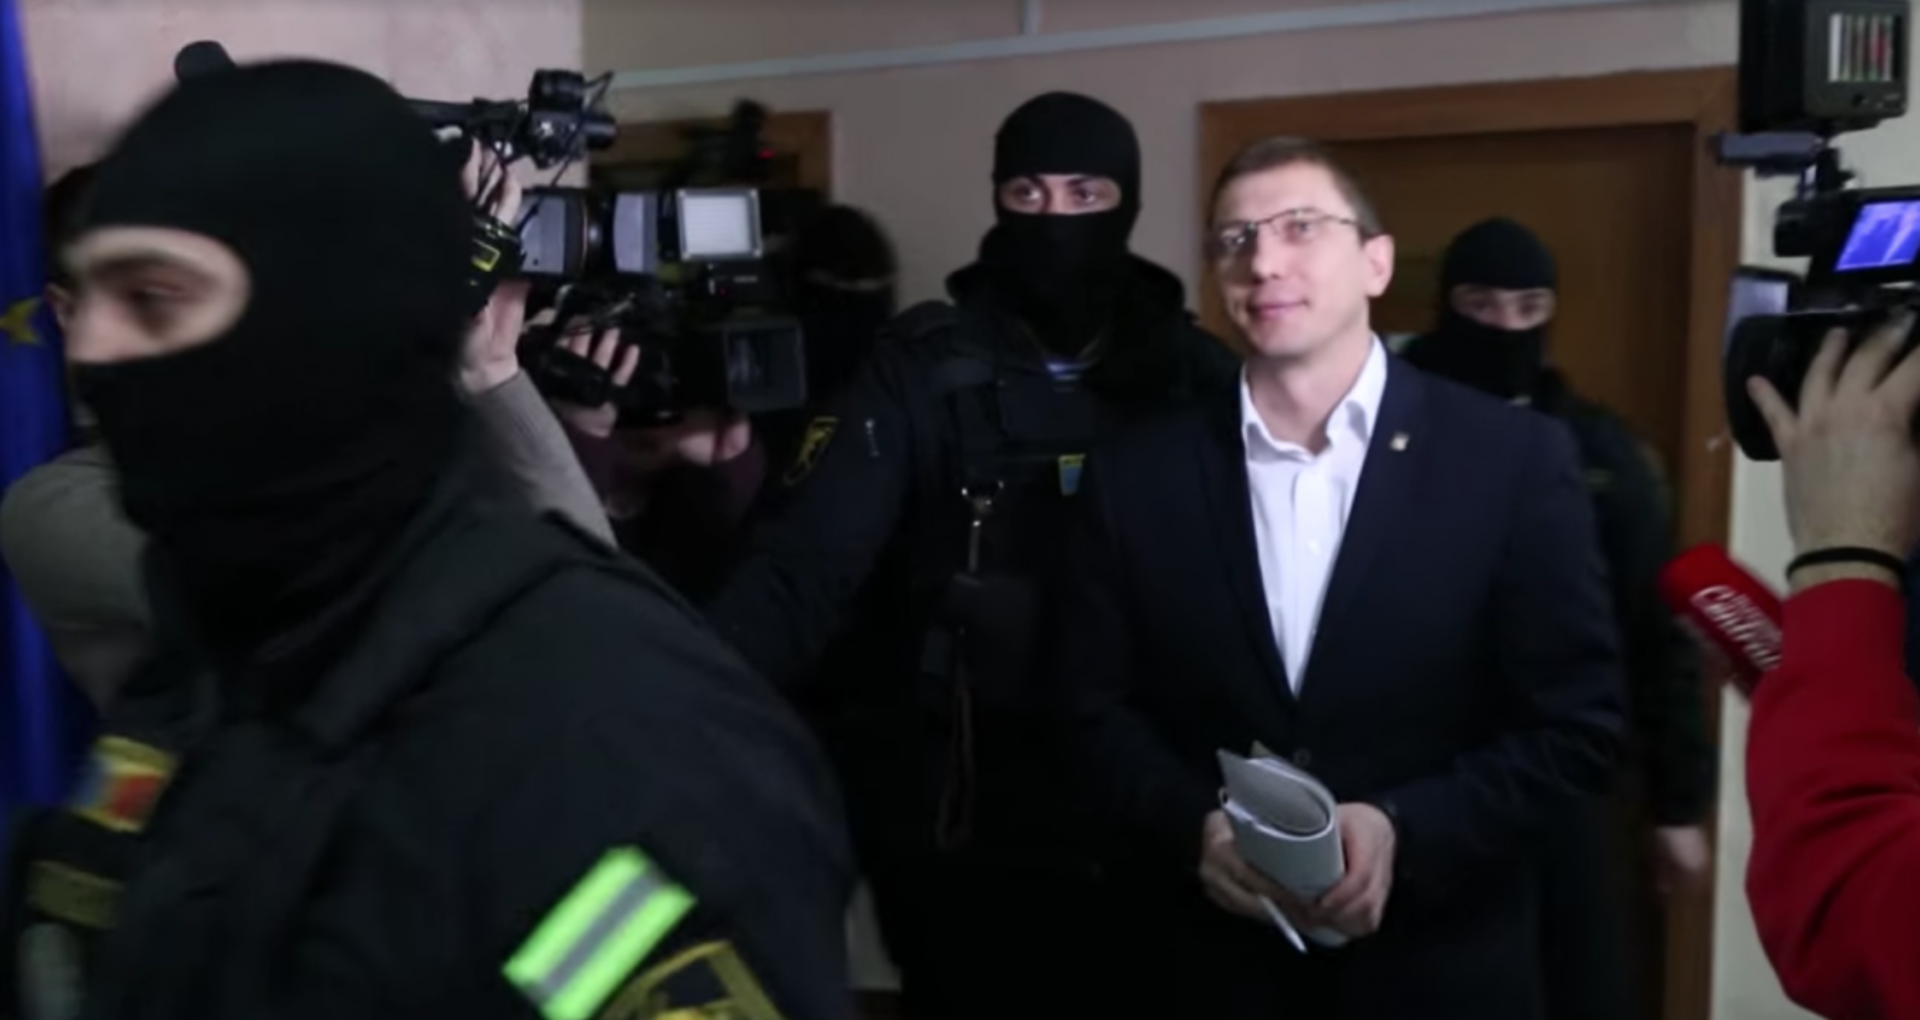 Cine este procurorul în baza declarațiilor căruia a fost pornită urmărirea penală pe numele lui Viorel Morari